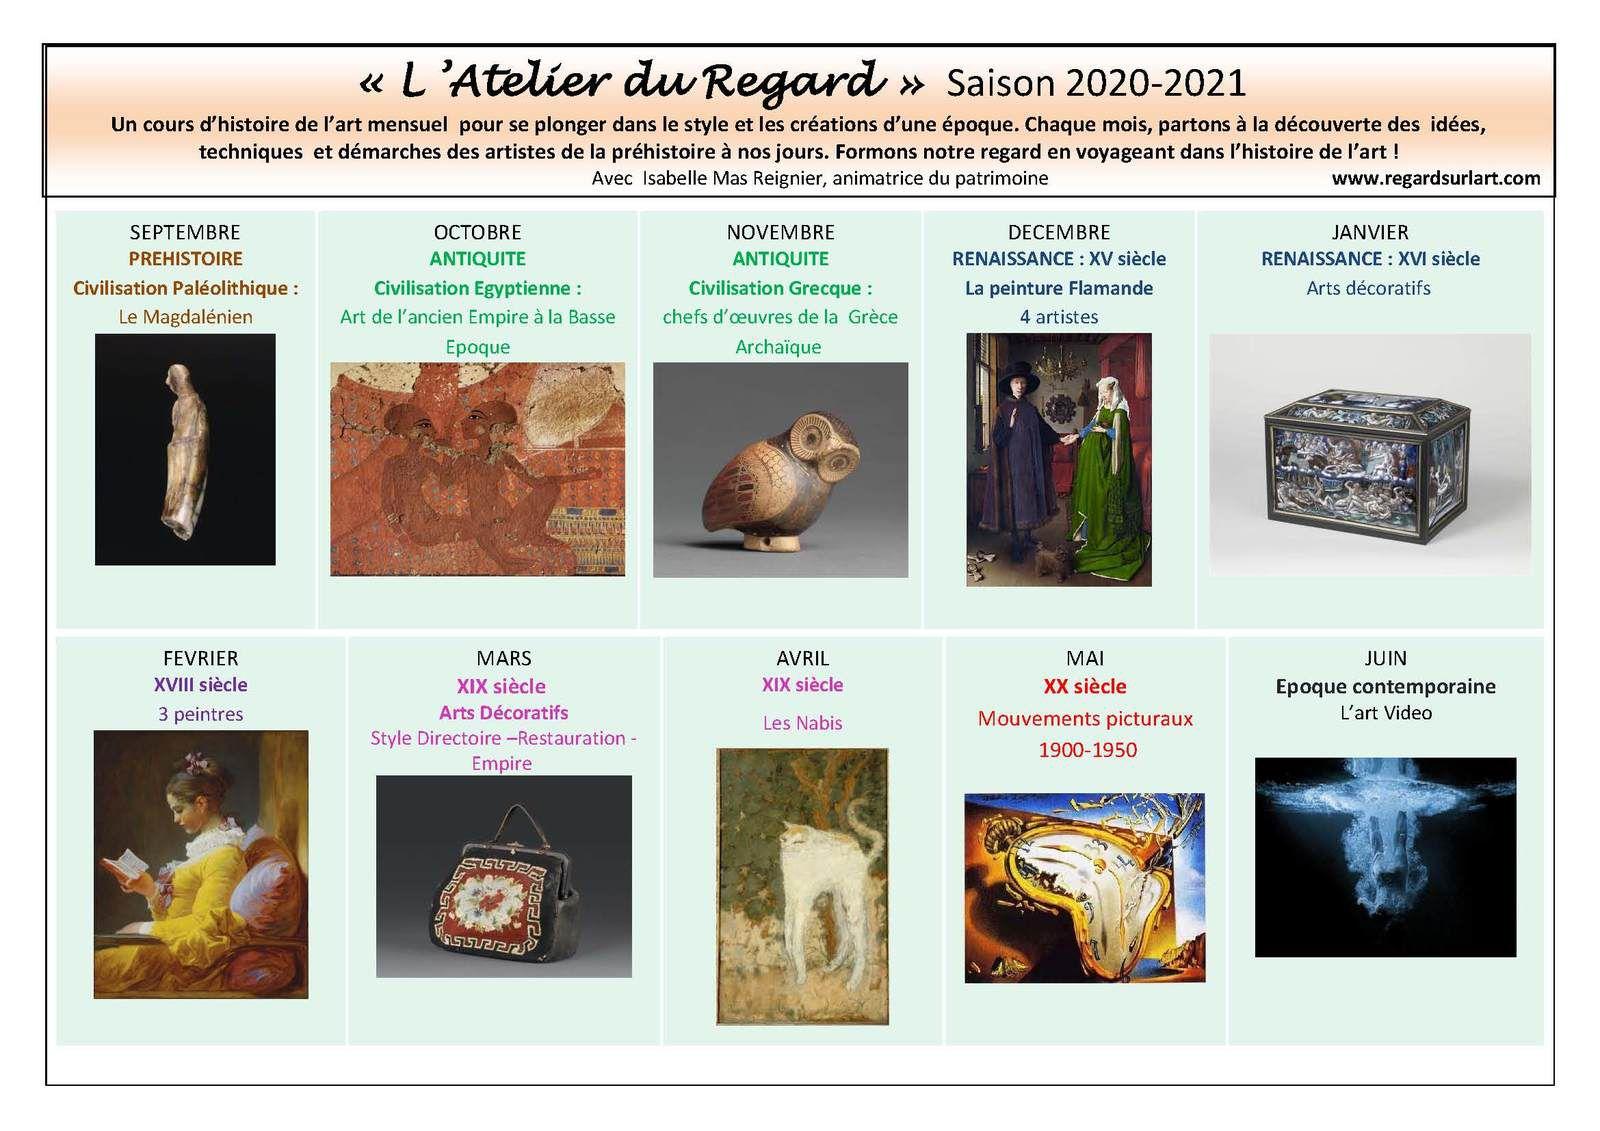 Programme de la saison 2020 2021